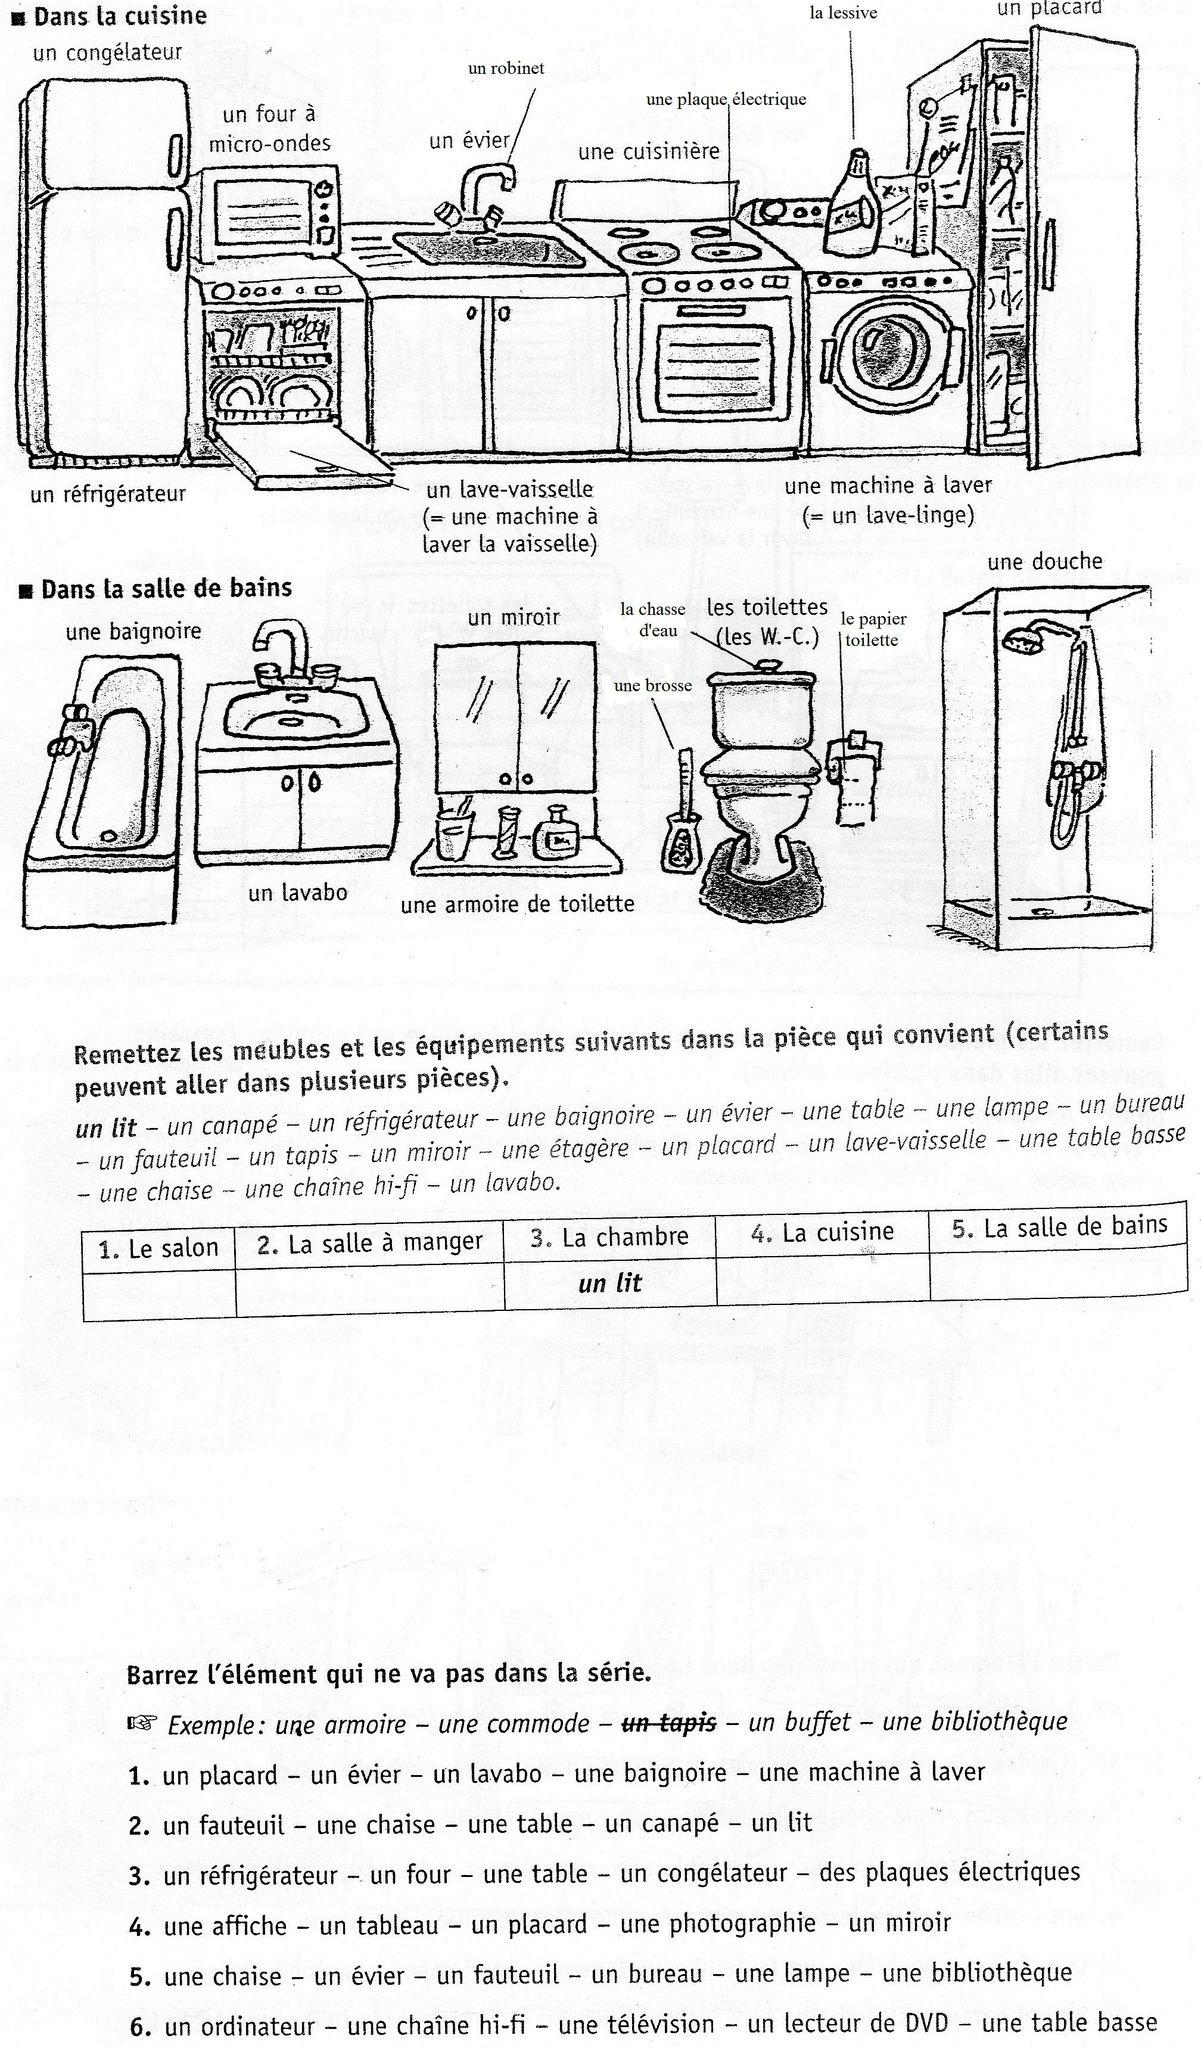 125 bis - vocabulaire de la maison | la languefrancaise ...